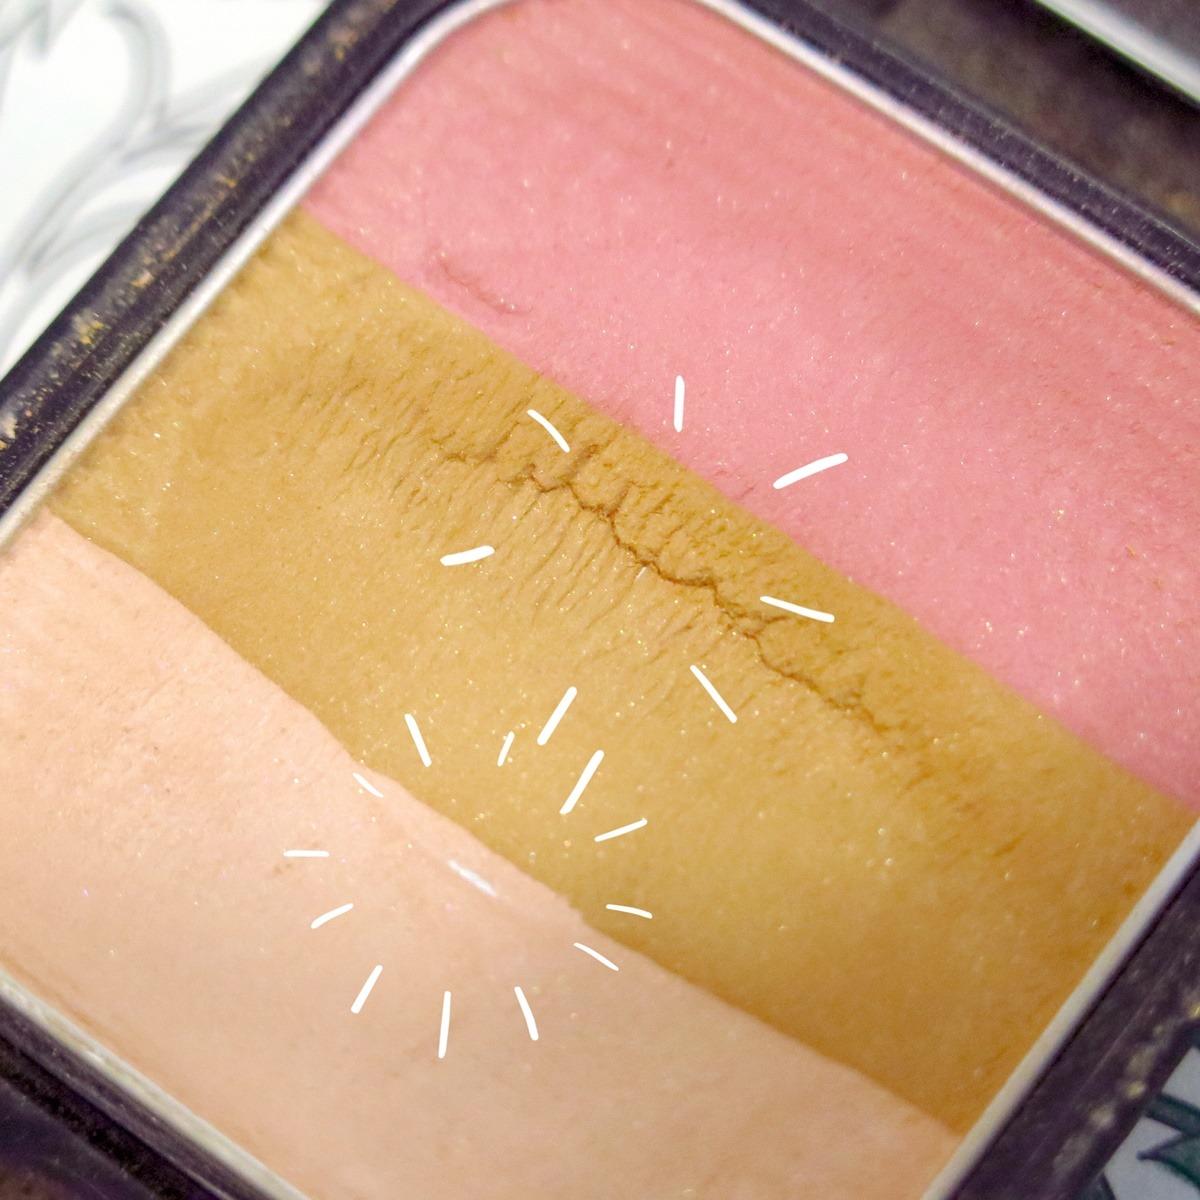 shiseido paletka do konturowania - postępy w zużywaniu project pan